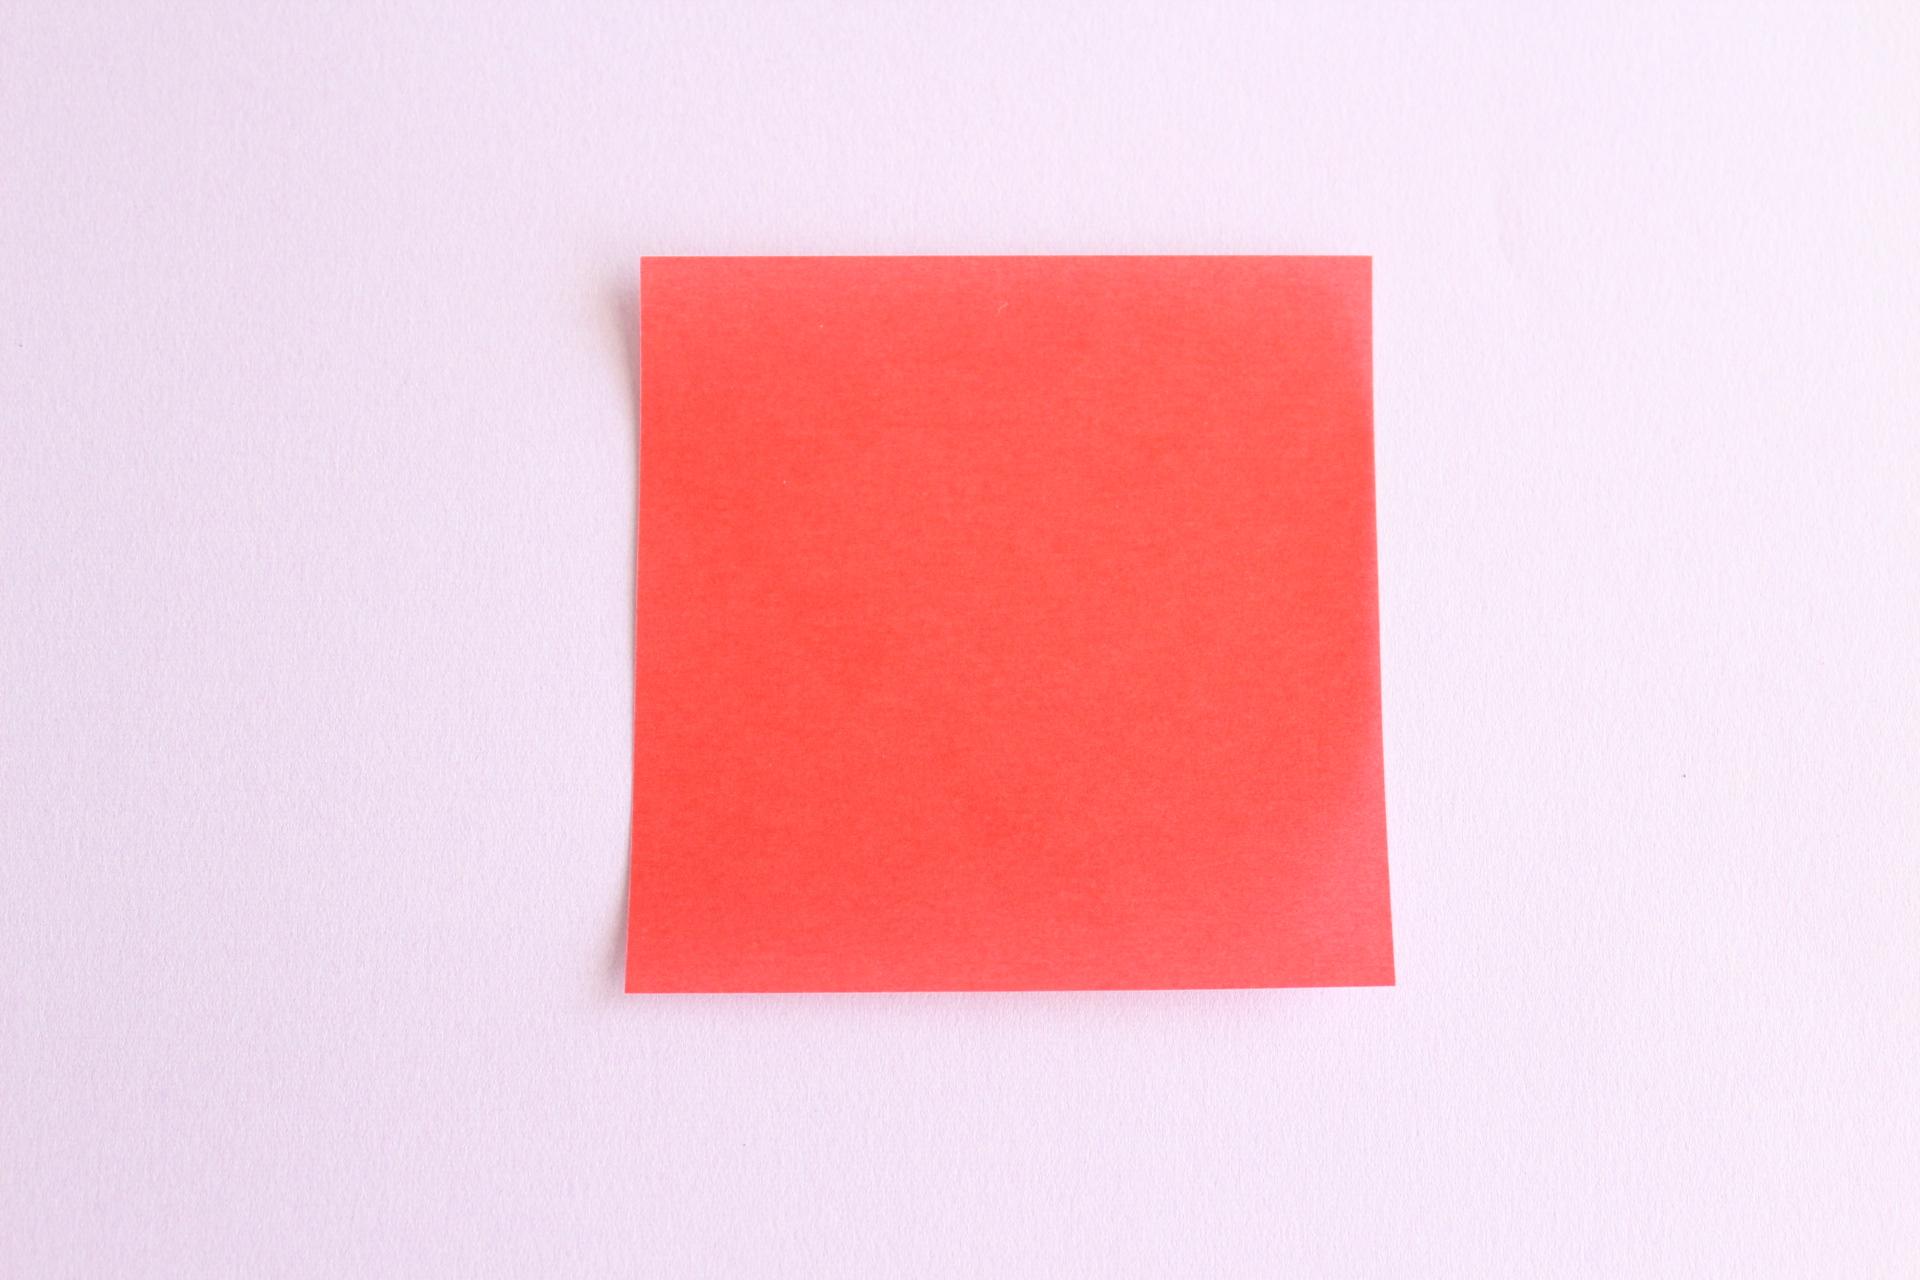 トリの折り方1